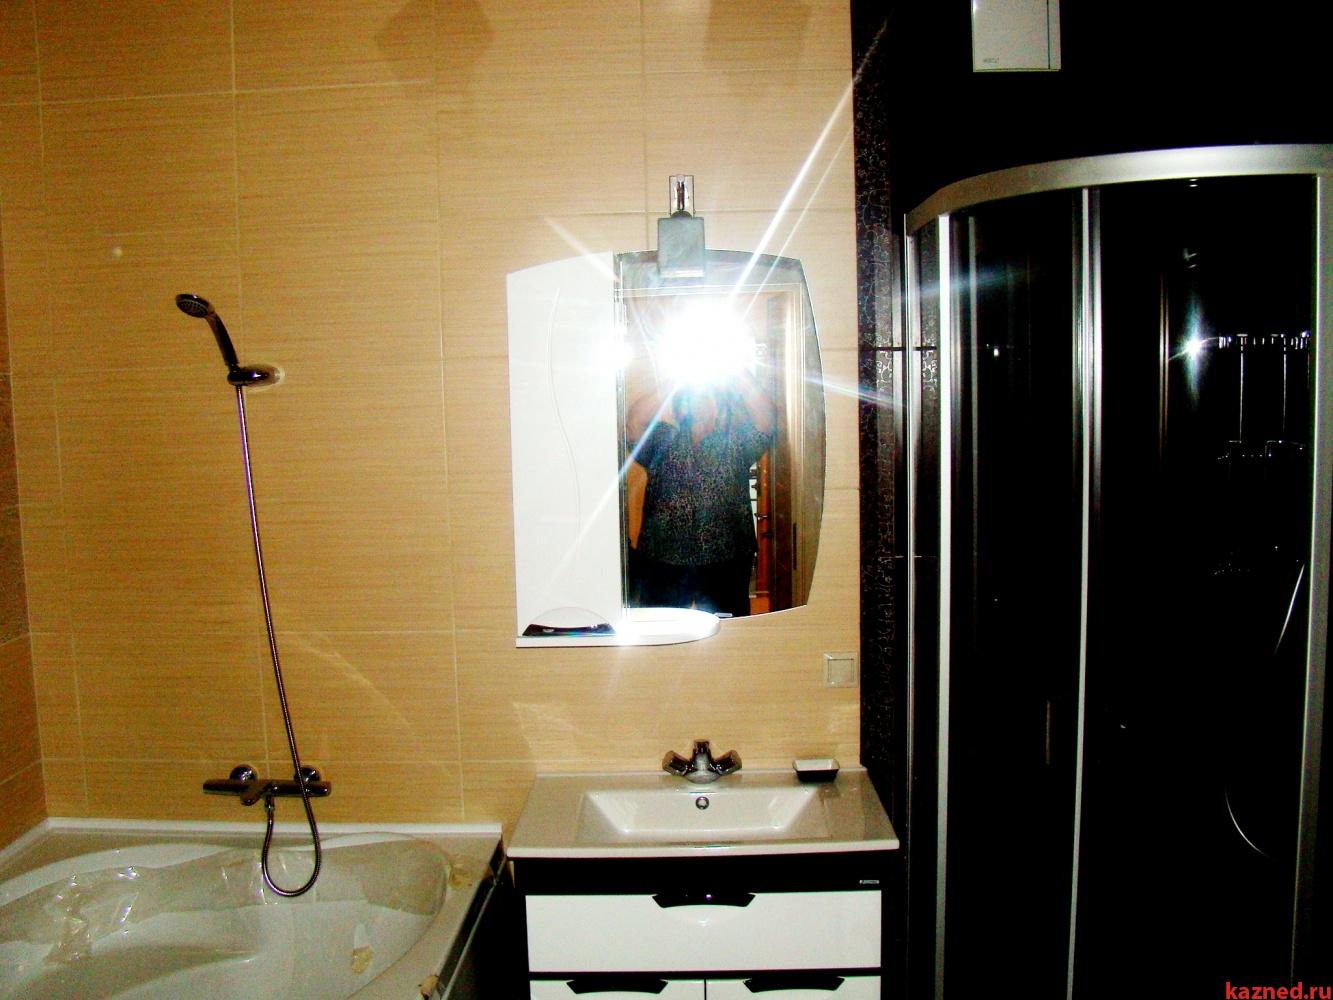 Продажа 3-к квартиры Ямашева, 103 а, 67 м²  (миниатюра №8)